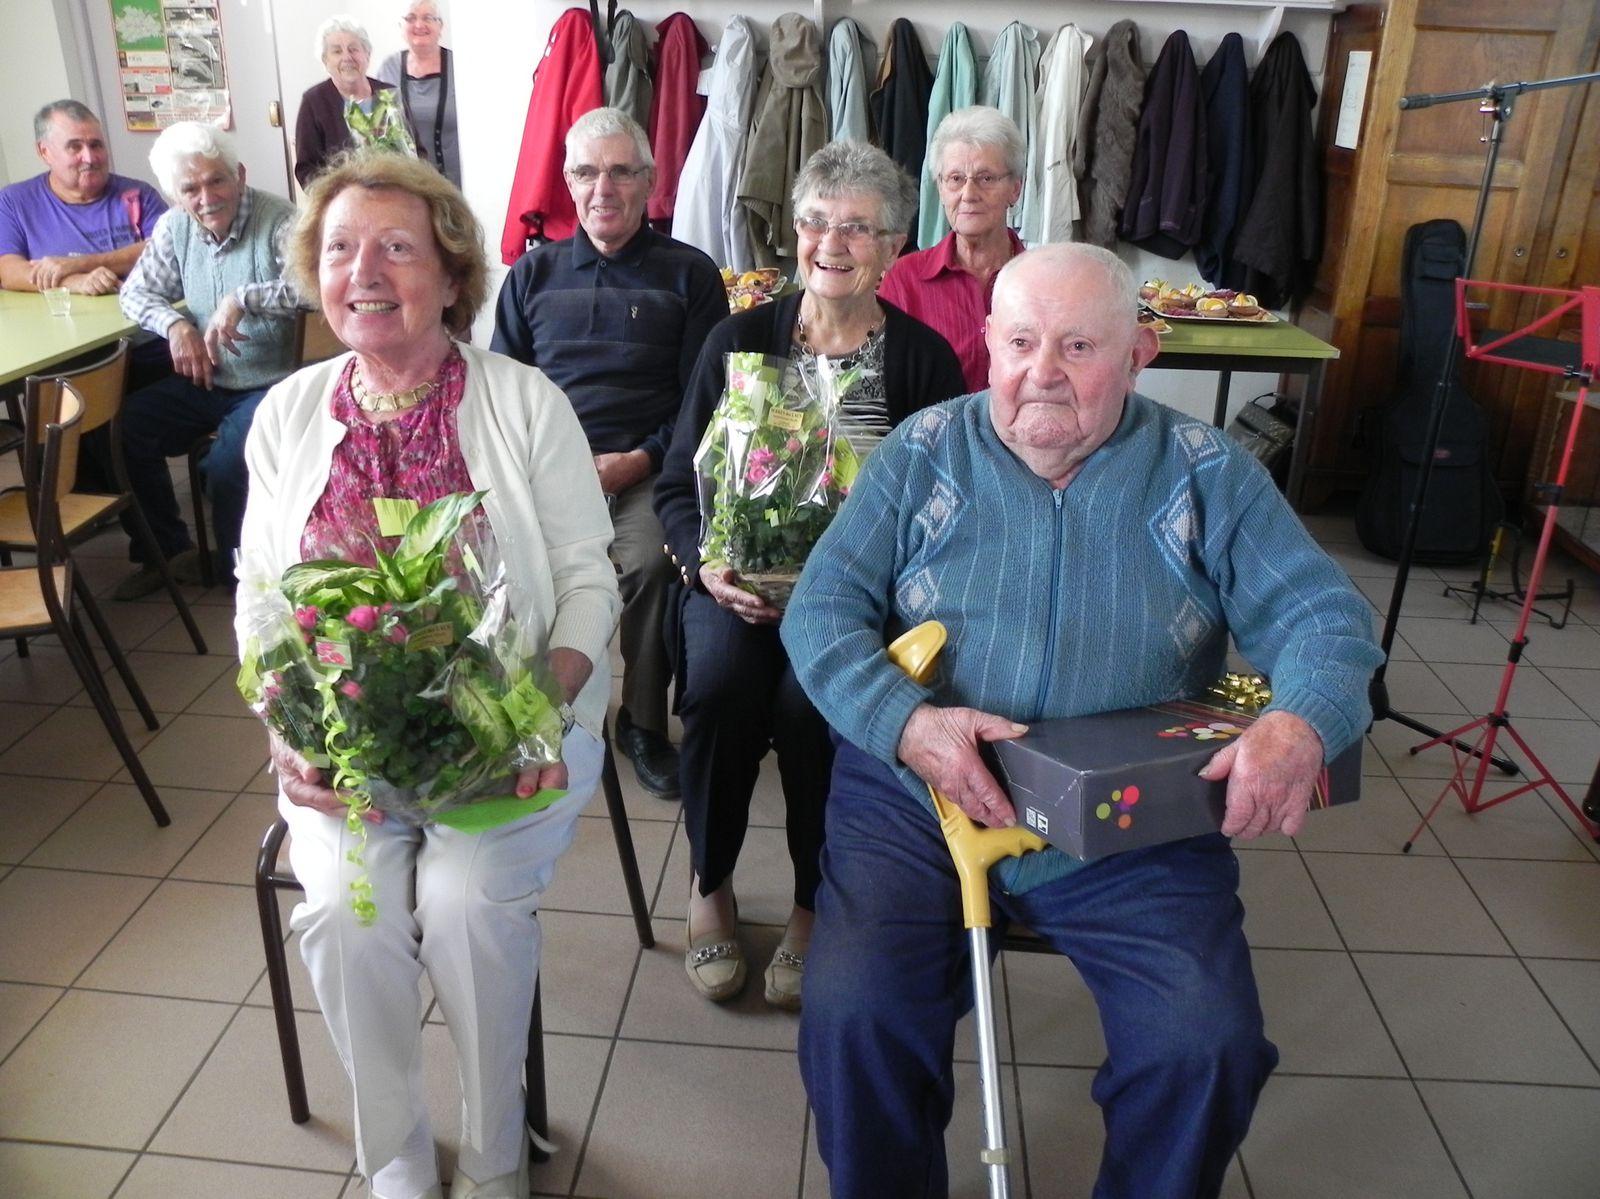 """Joyeux Anniversaire à : Mme Yvonne Duprez et à M. André Mer pour leurs 90 ans, à Mme Bernadette Bouy et à Mme Jacqueline Benani, pour leurs"""" 80 ans et à Mme Denise Perret et à M. Raymond Gamon, pour leurs 70 ans"""